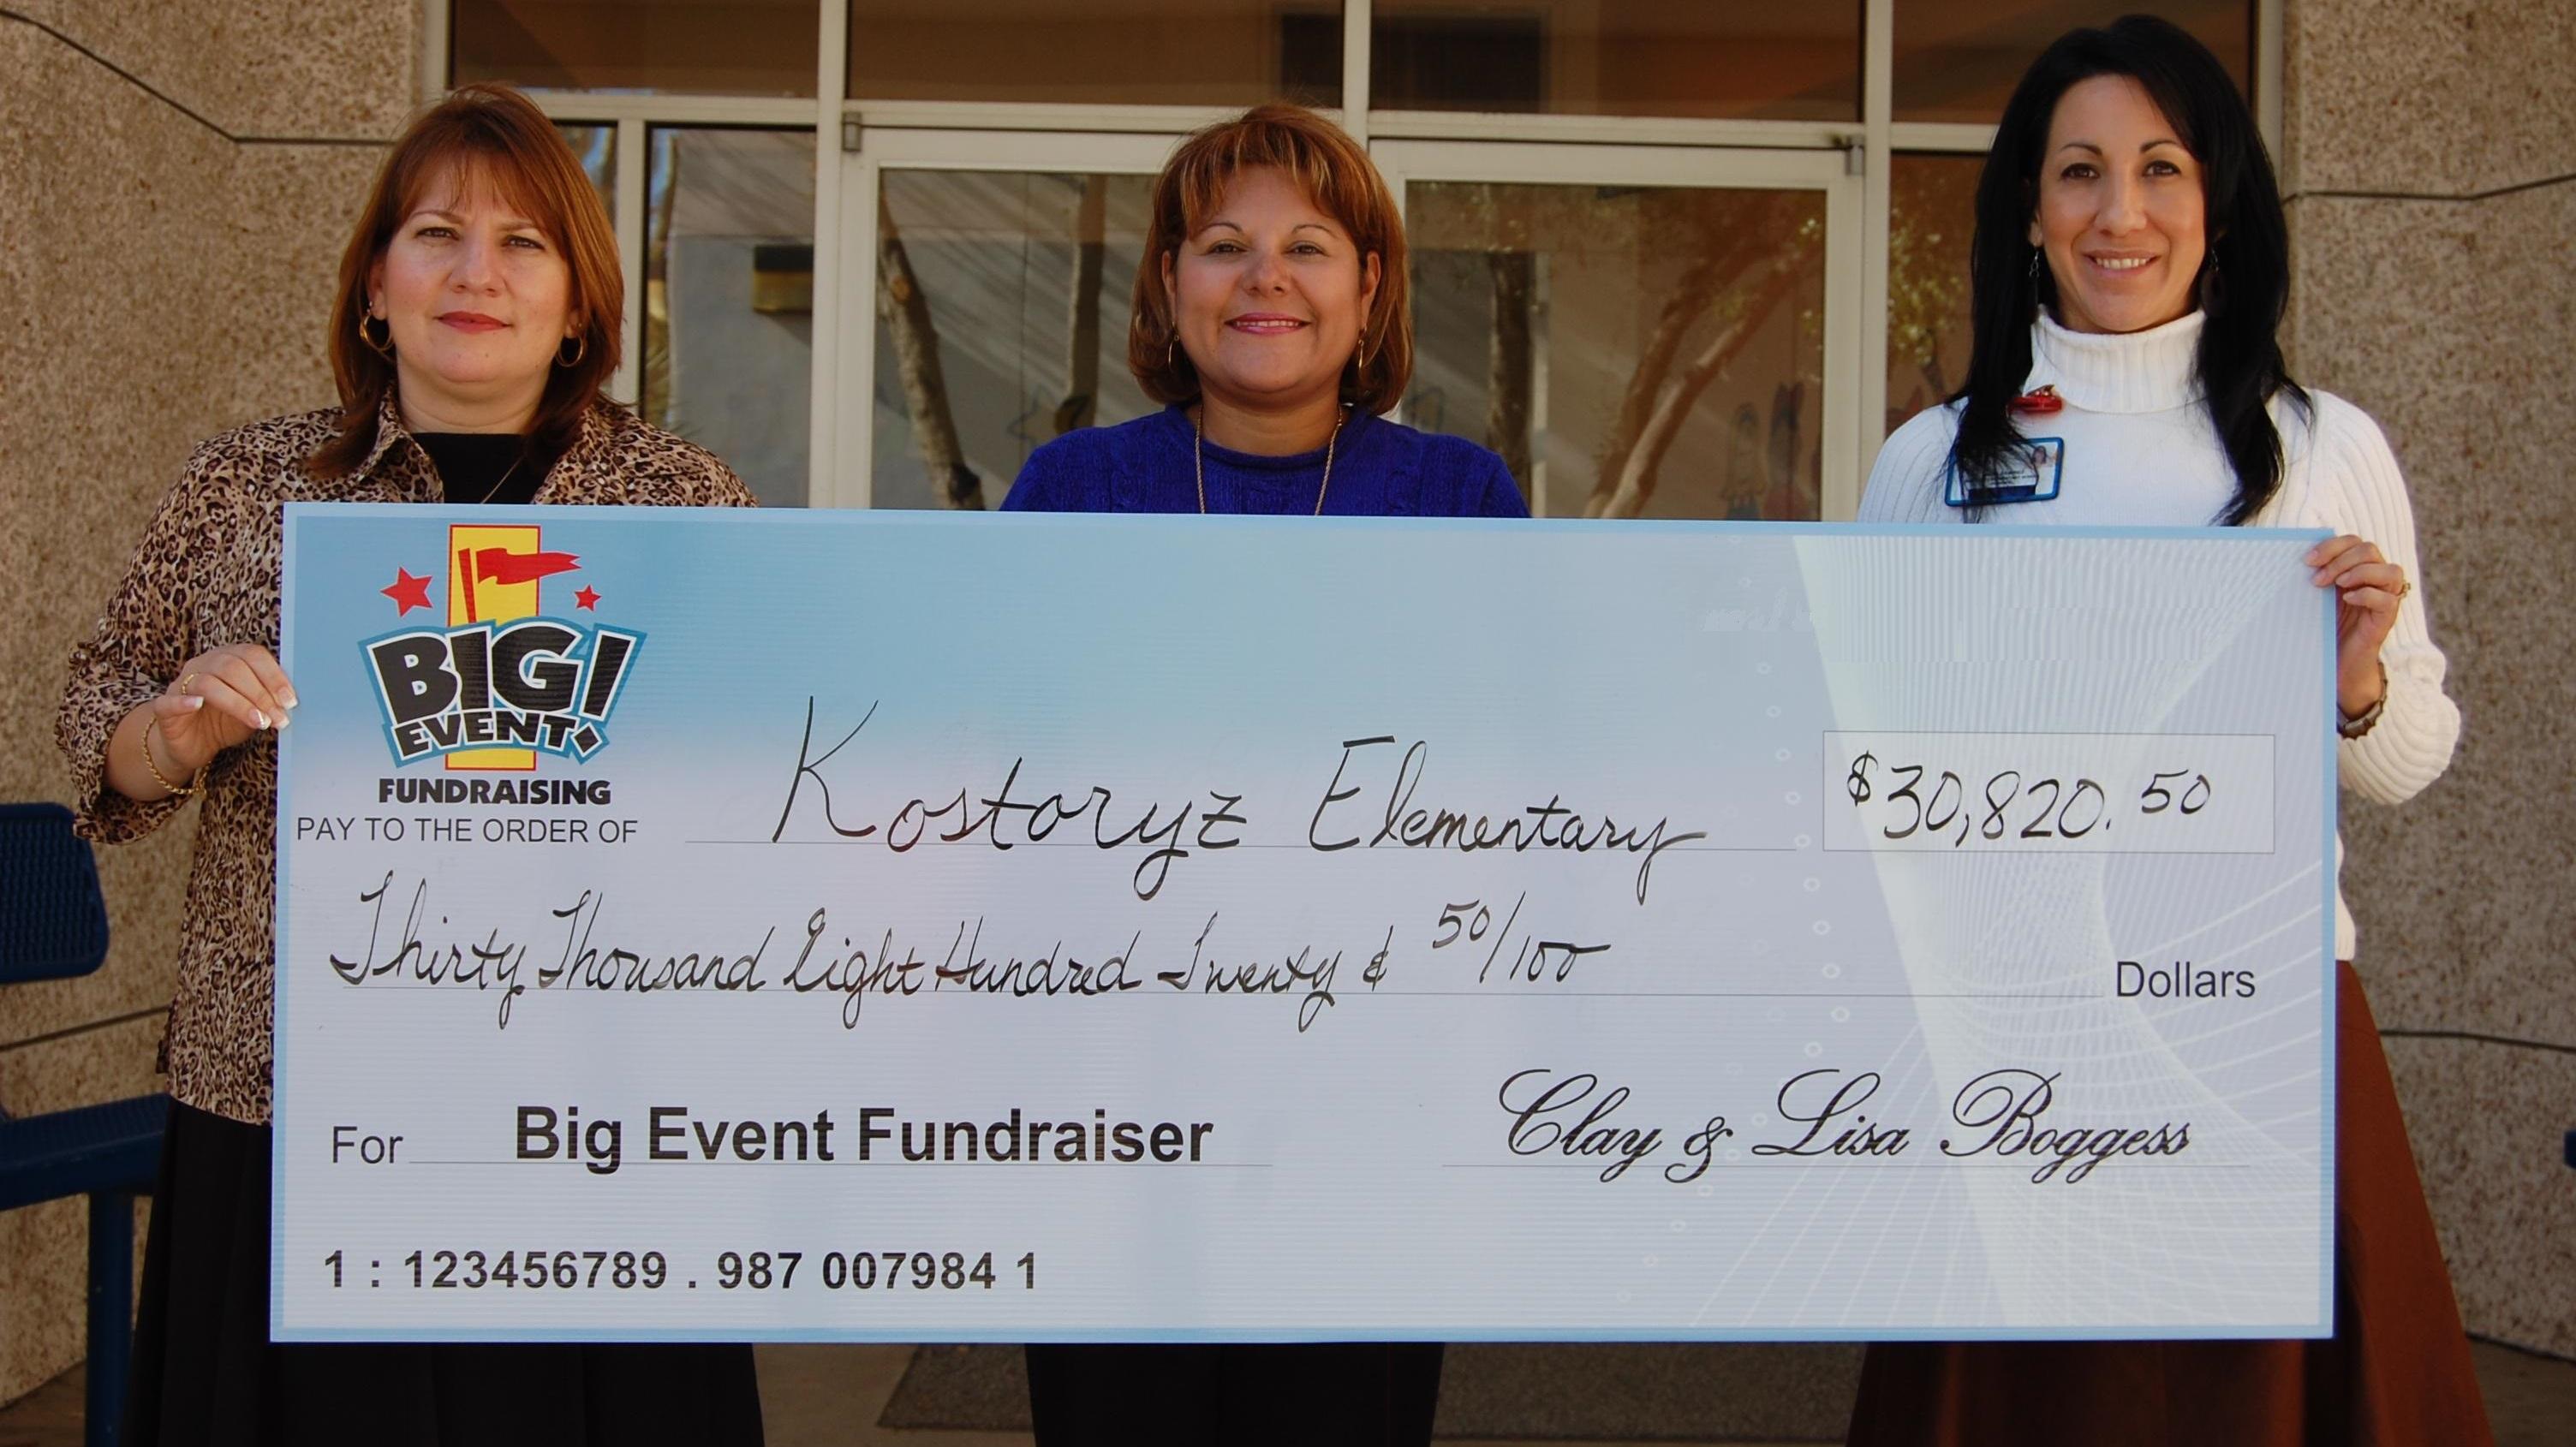 Kostoryz Elementary School fundraising team holding check